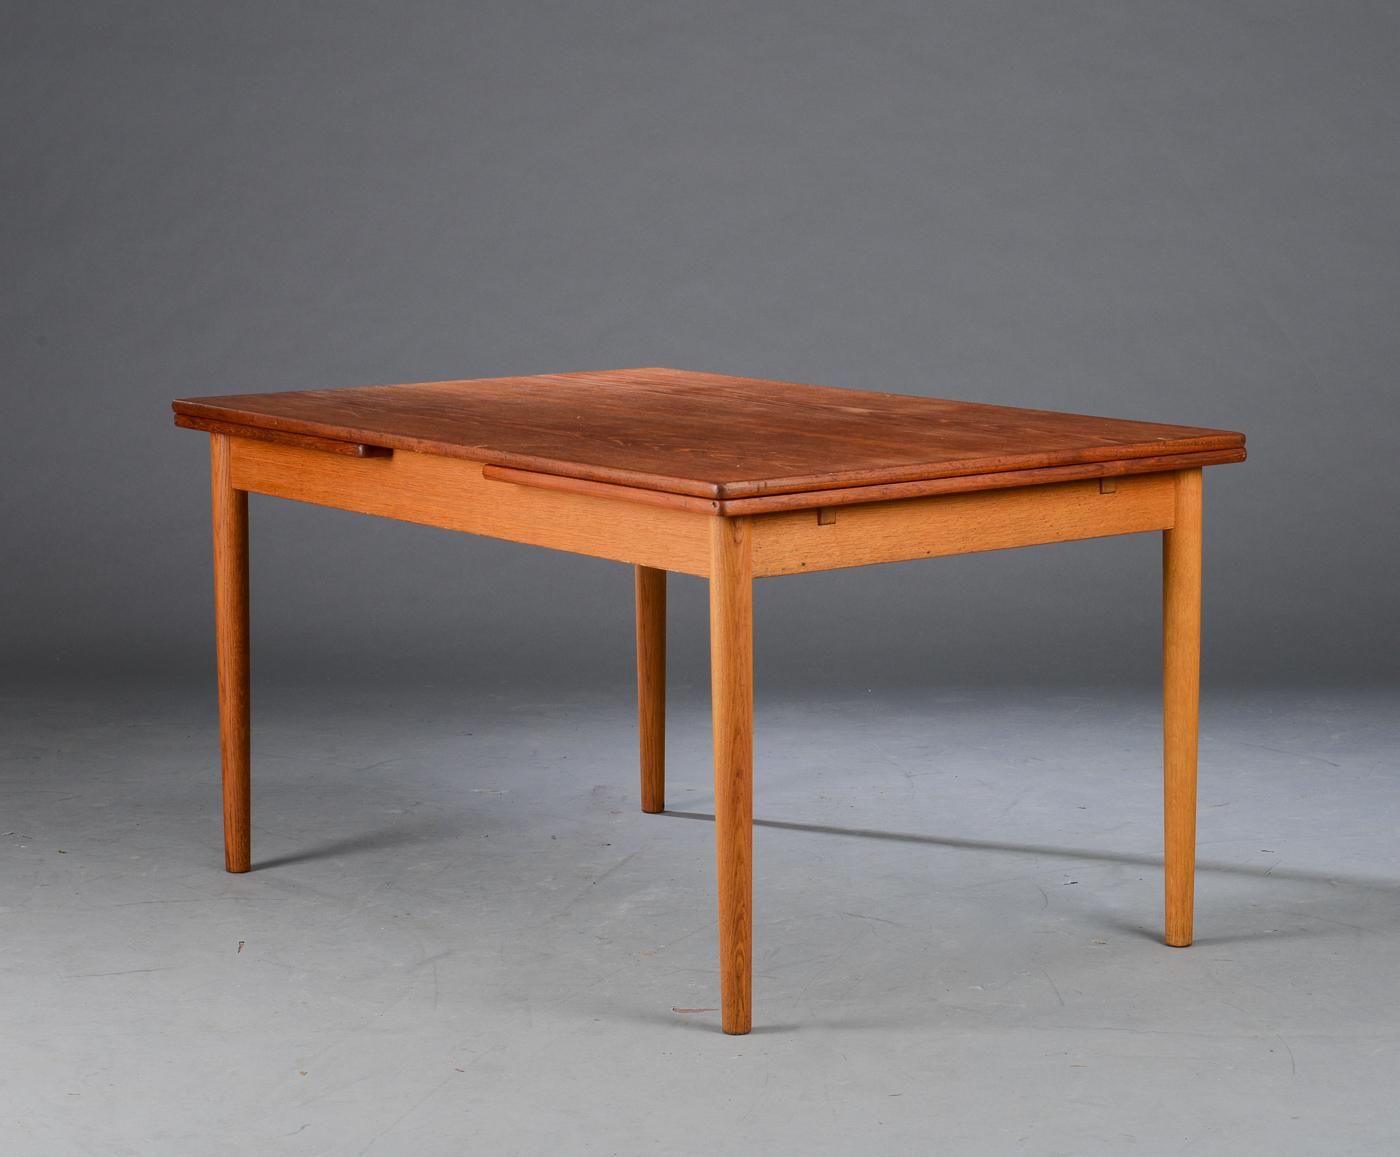 Wegner Spisebord Med Hollandsk Udtræk: H j wegner spisebord at. H ...